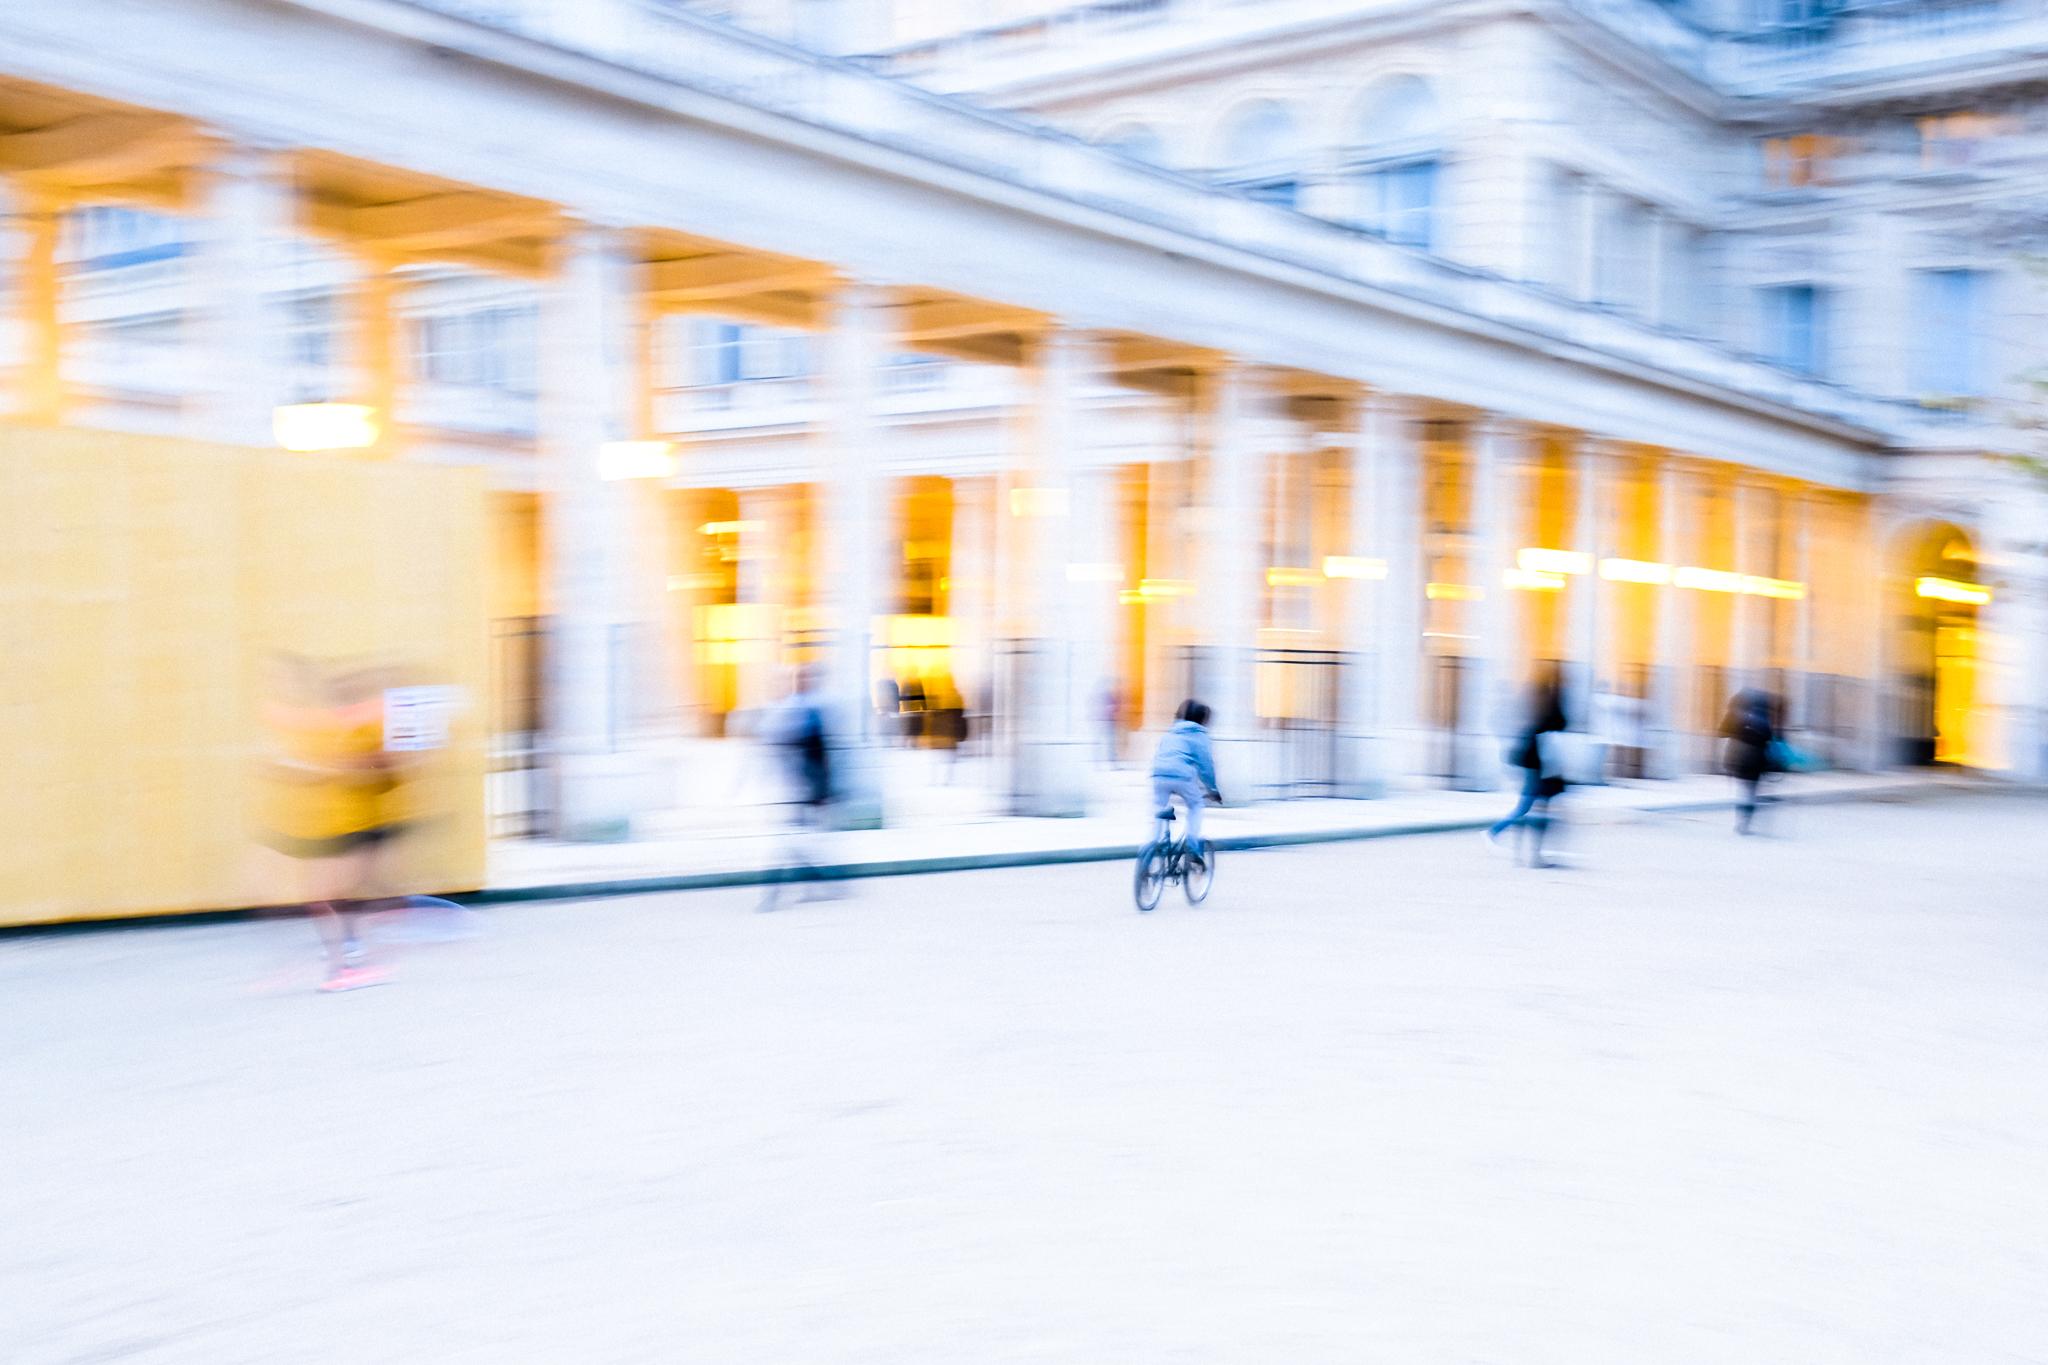 PALAYS ROYAL, PARIS by Carine